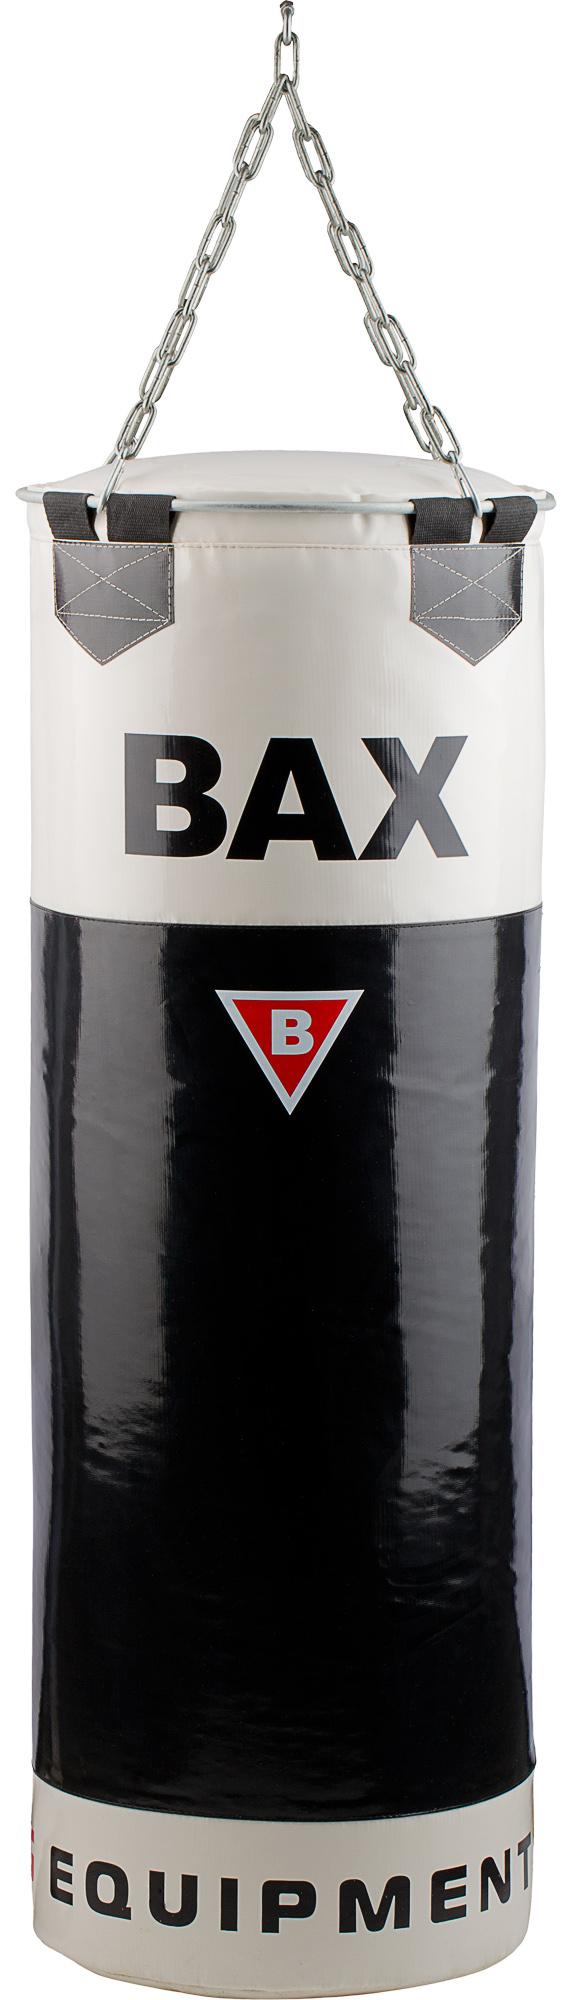 Bax Мешок набивной Bax, 80 кг bax мешок набивной bax 50 кг